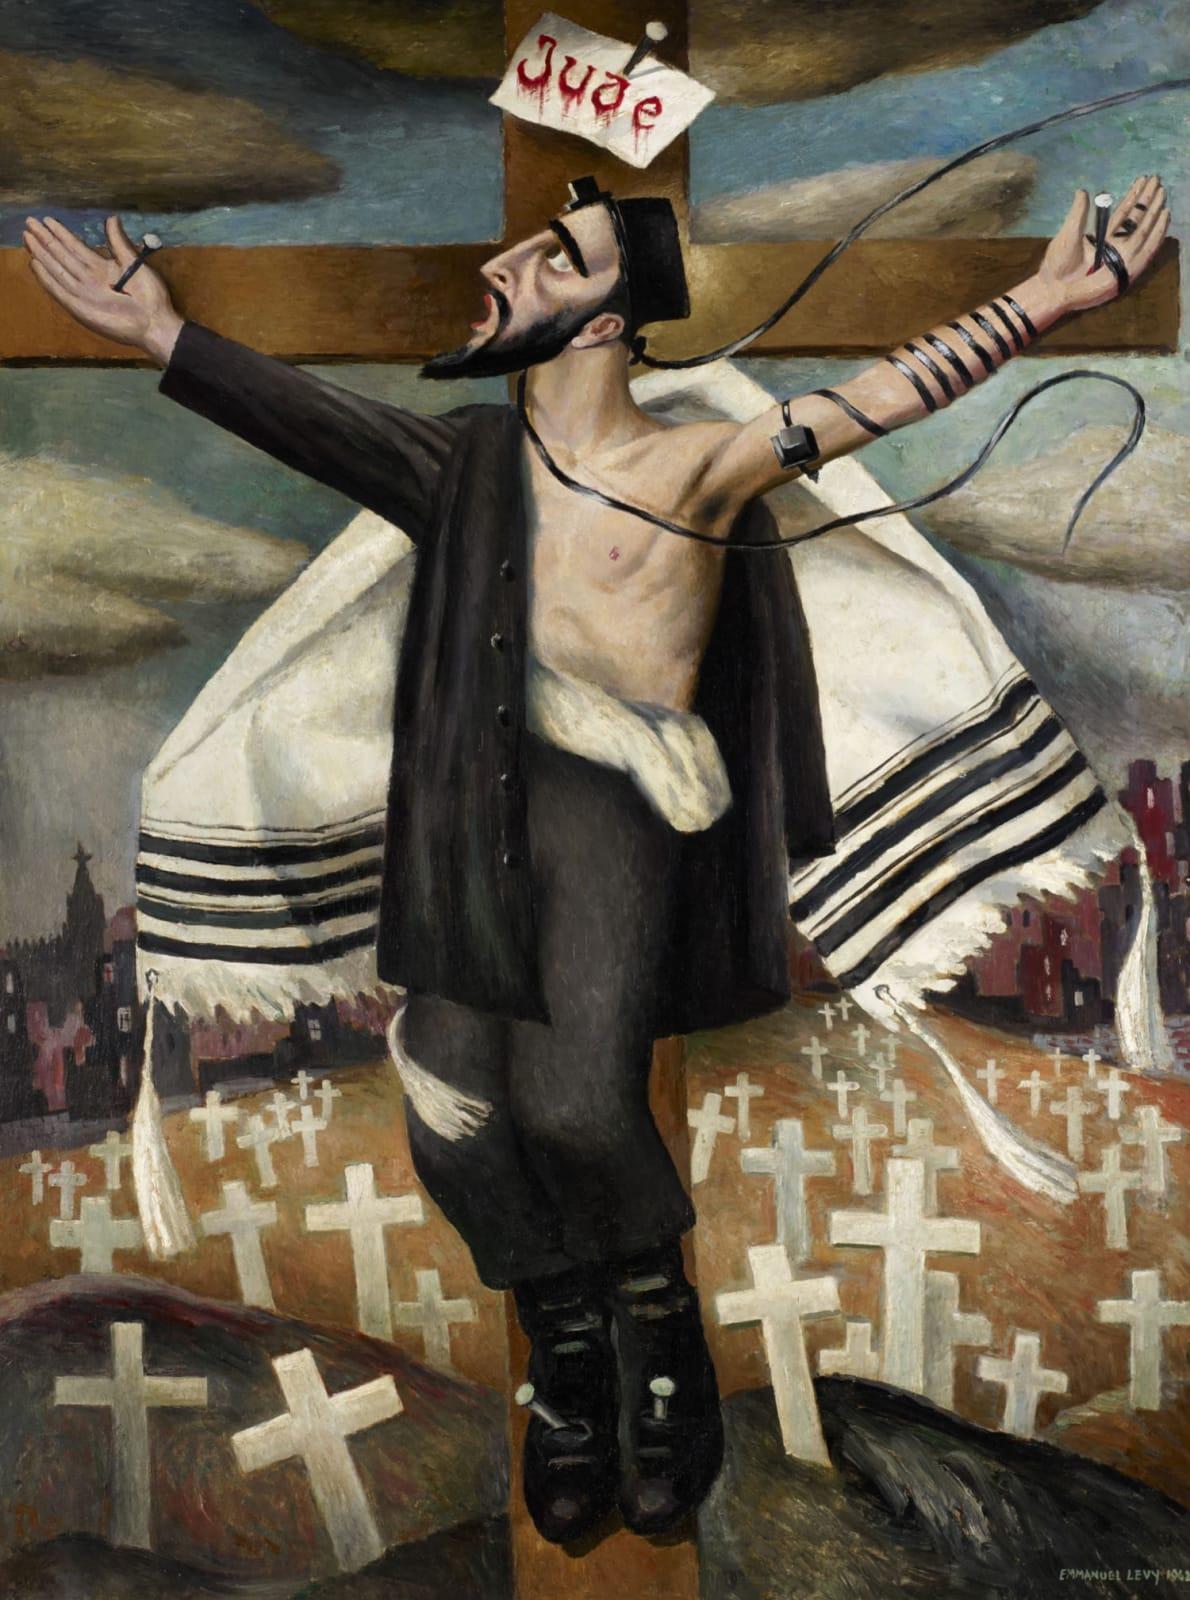 Obraz ukrzyżowania widziany przez Emmanuela Levy'ego Odkryj nieoczekiwany obraz ukrzyżowania i jego rolę w sztuce żydowskiej. Posłuchaj, jak kuratorzy Ben Uri oprowadzą Cię po tym odważnym obrazie znanego żydowskiego artysty Emmanuela Levy'ego. Część audioprzewodnika przygotowanego z okazji stulecia galerii Ben Uri w 2015 roku. Posłuchaj